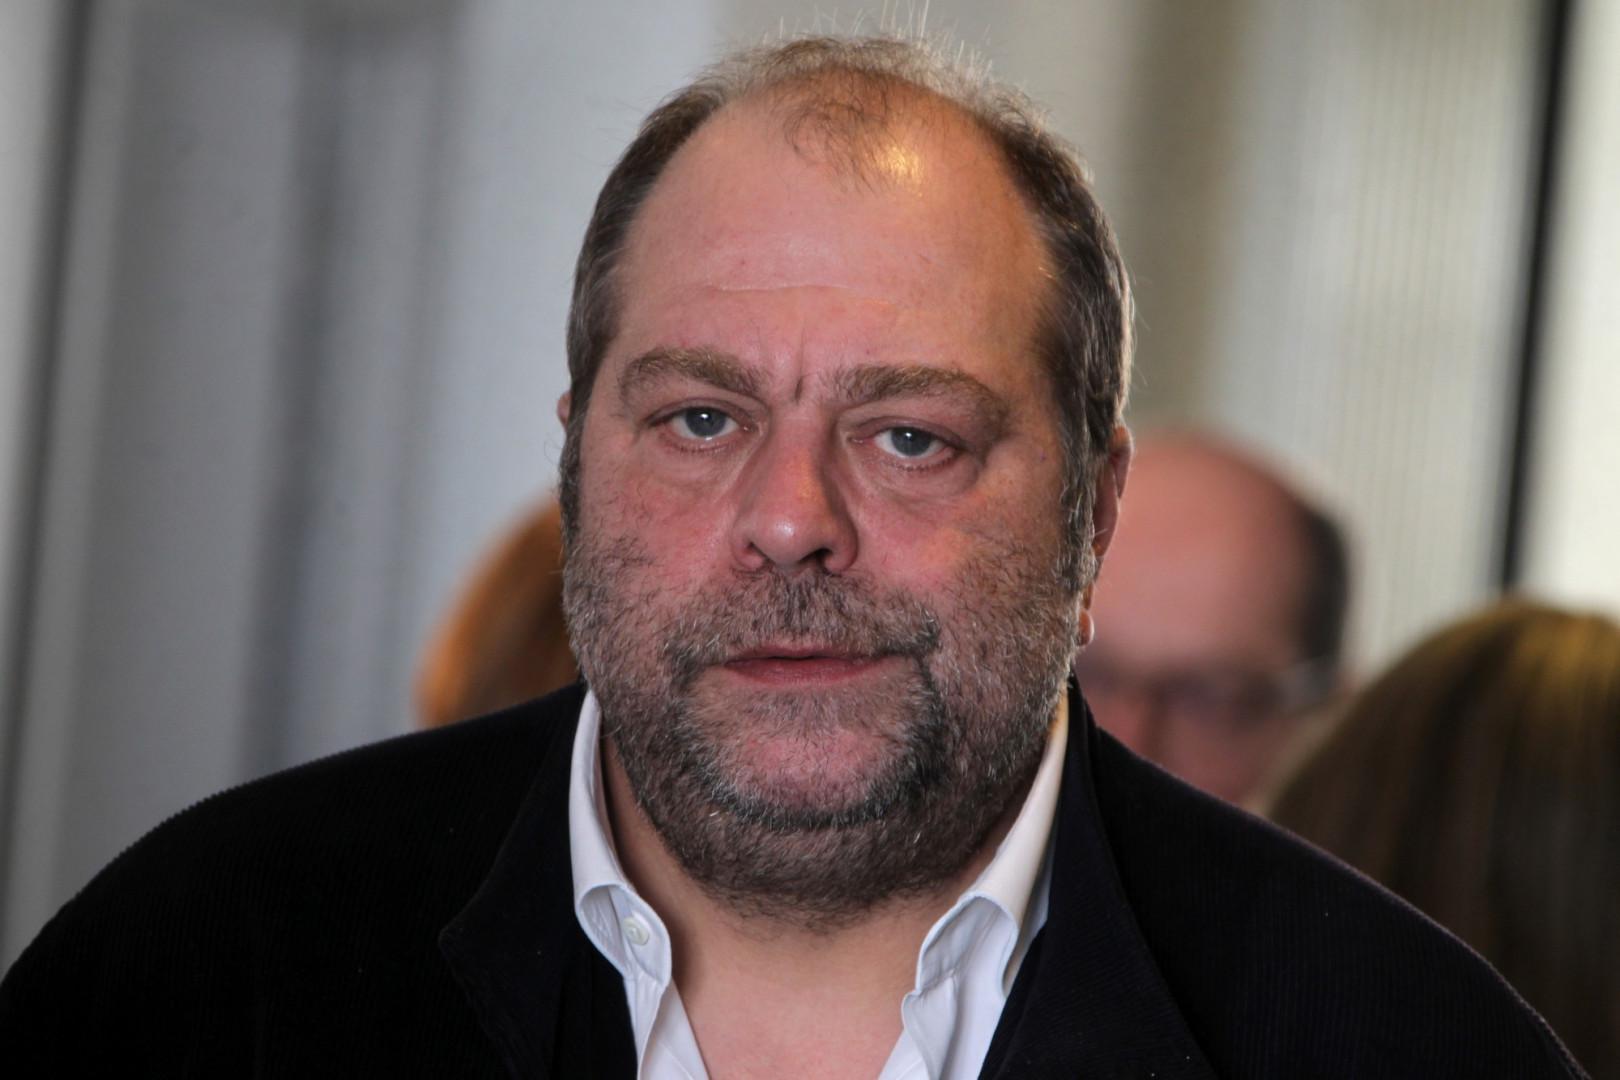 L'avocat Éric Dupont-Moretti fait ses débuts dans le monde politique après sa nomination en tant que ministre de la Justice